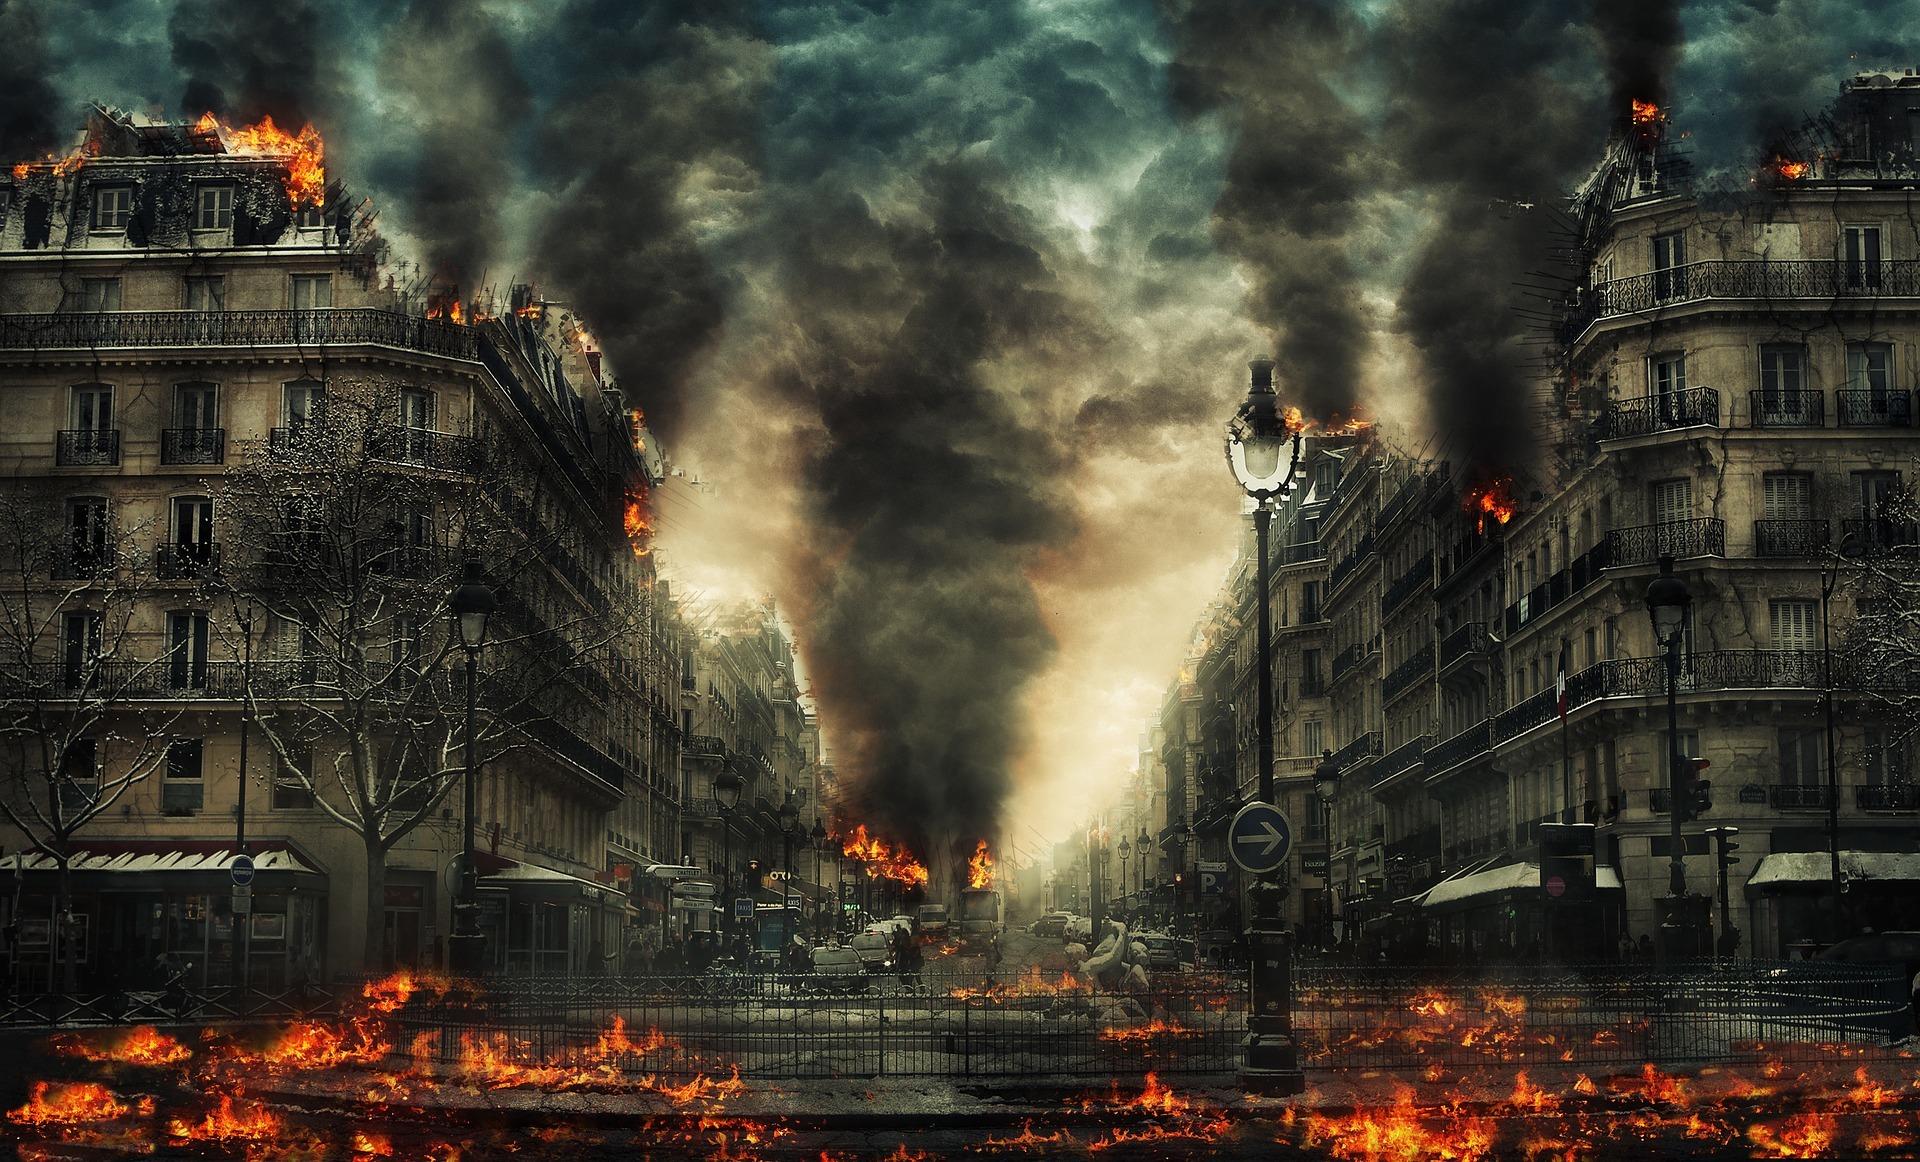 地獄から立ち昇る業火の煙